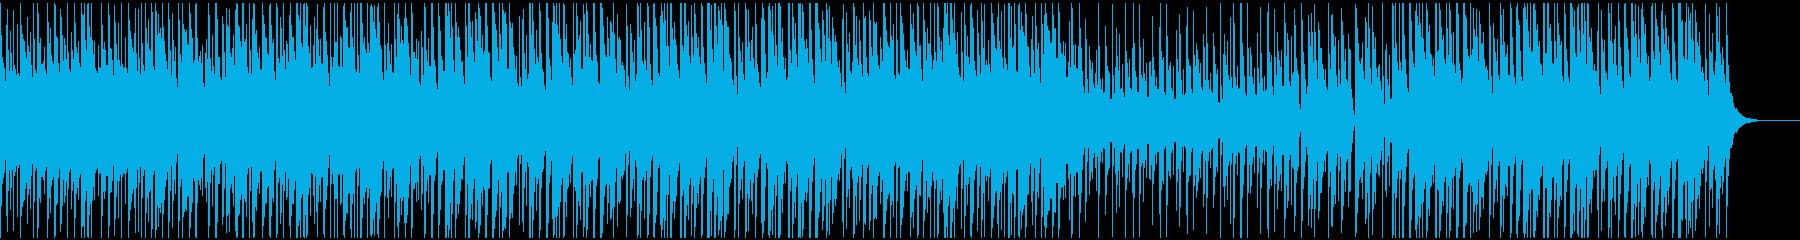 YouTube風かわいくしっかりサウンドの再生済みの波形